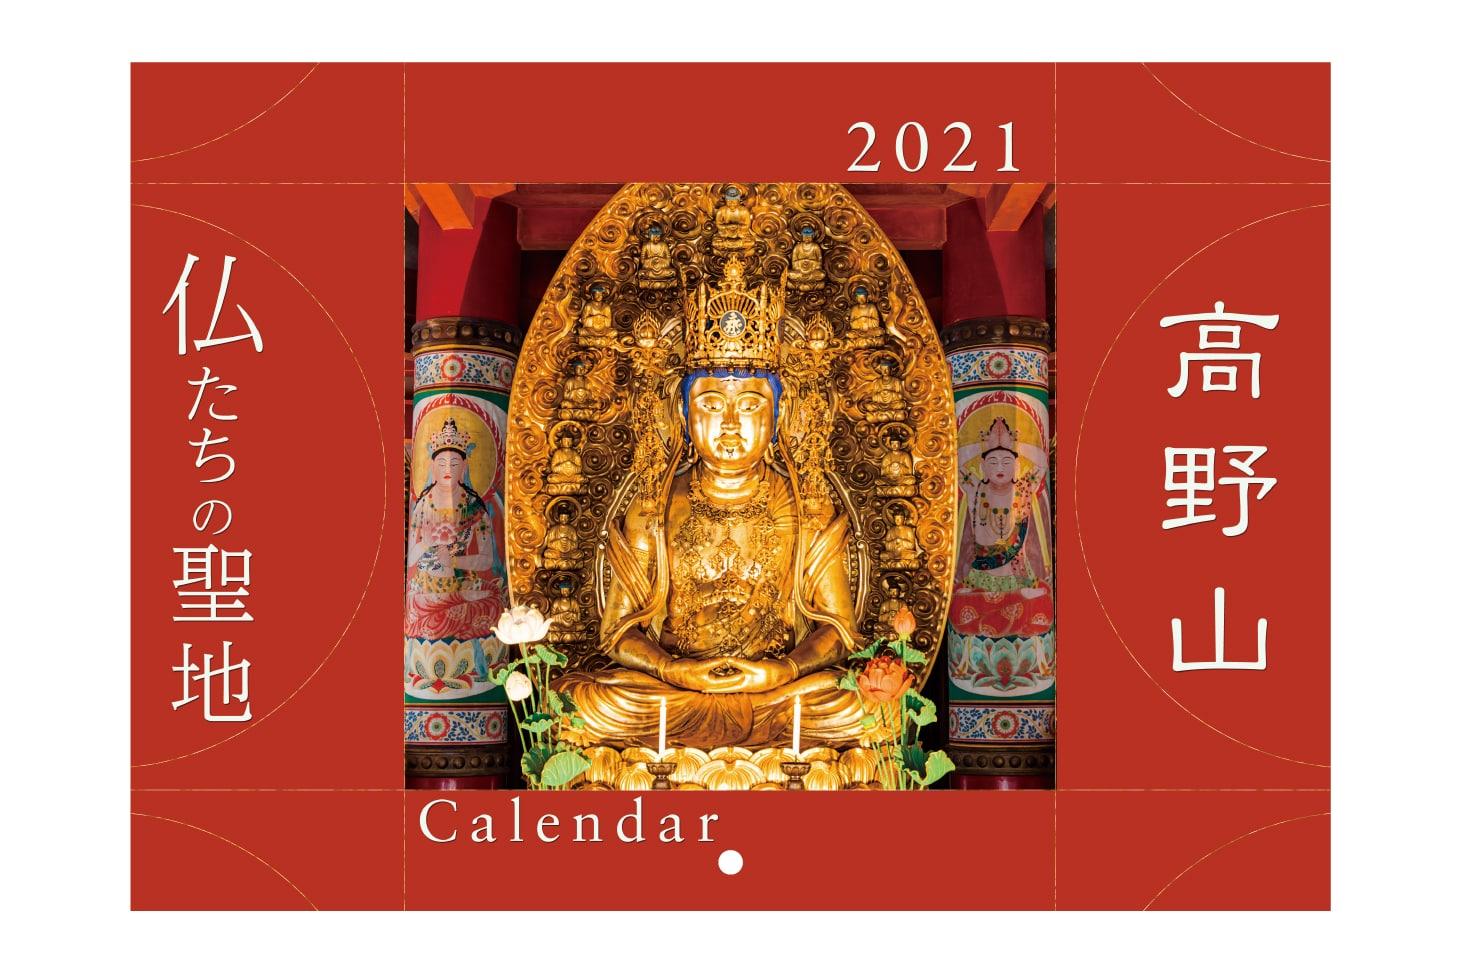 高野山カレンダー壁掛け